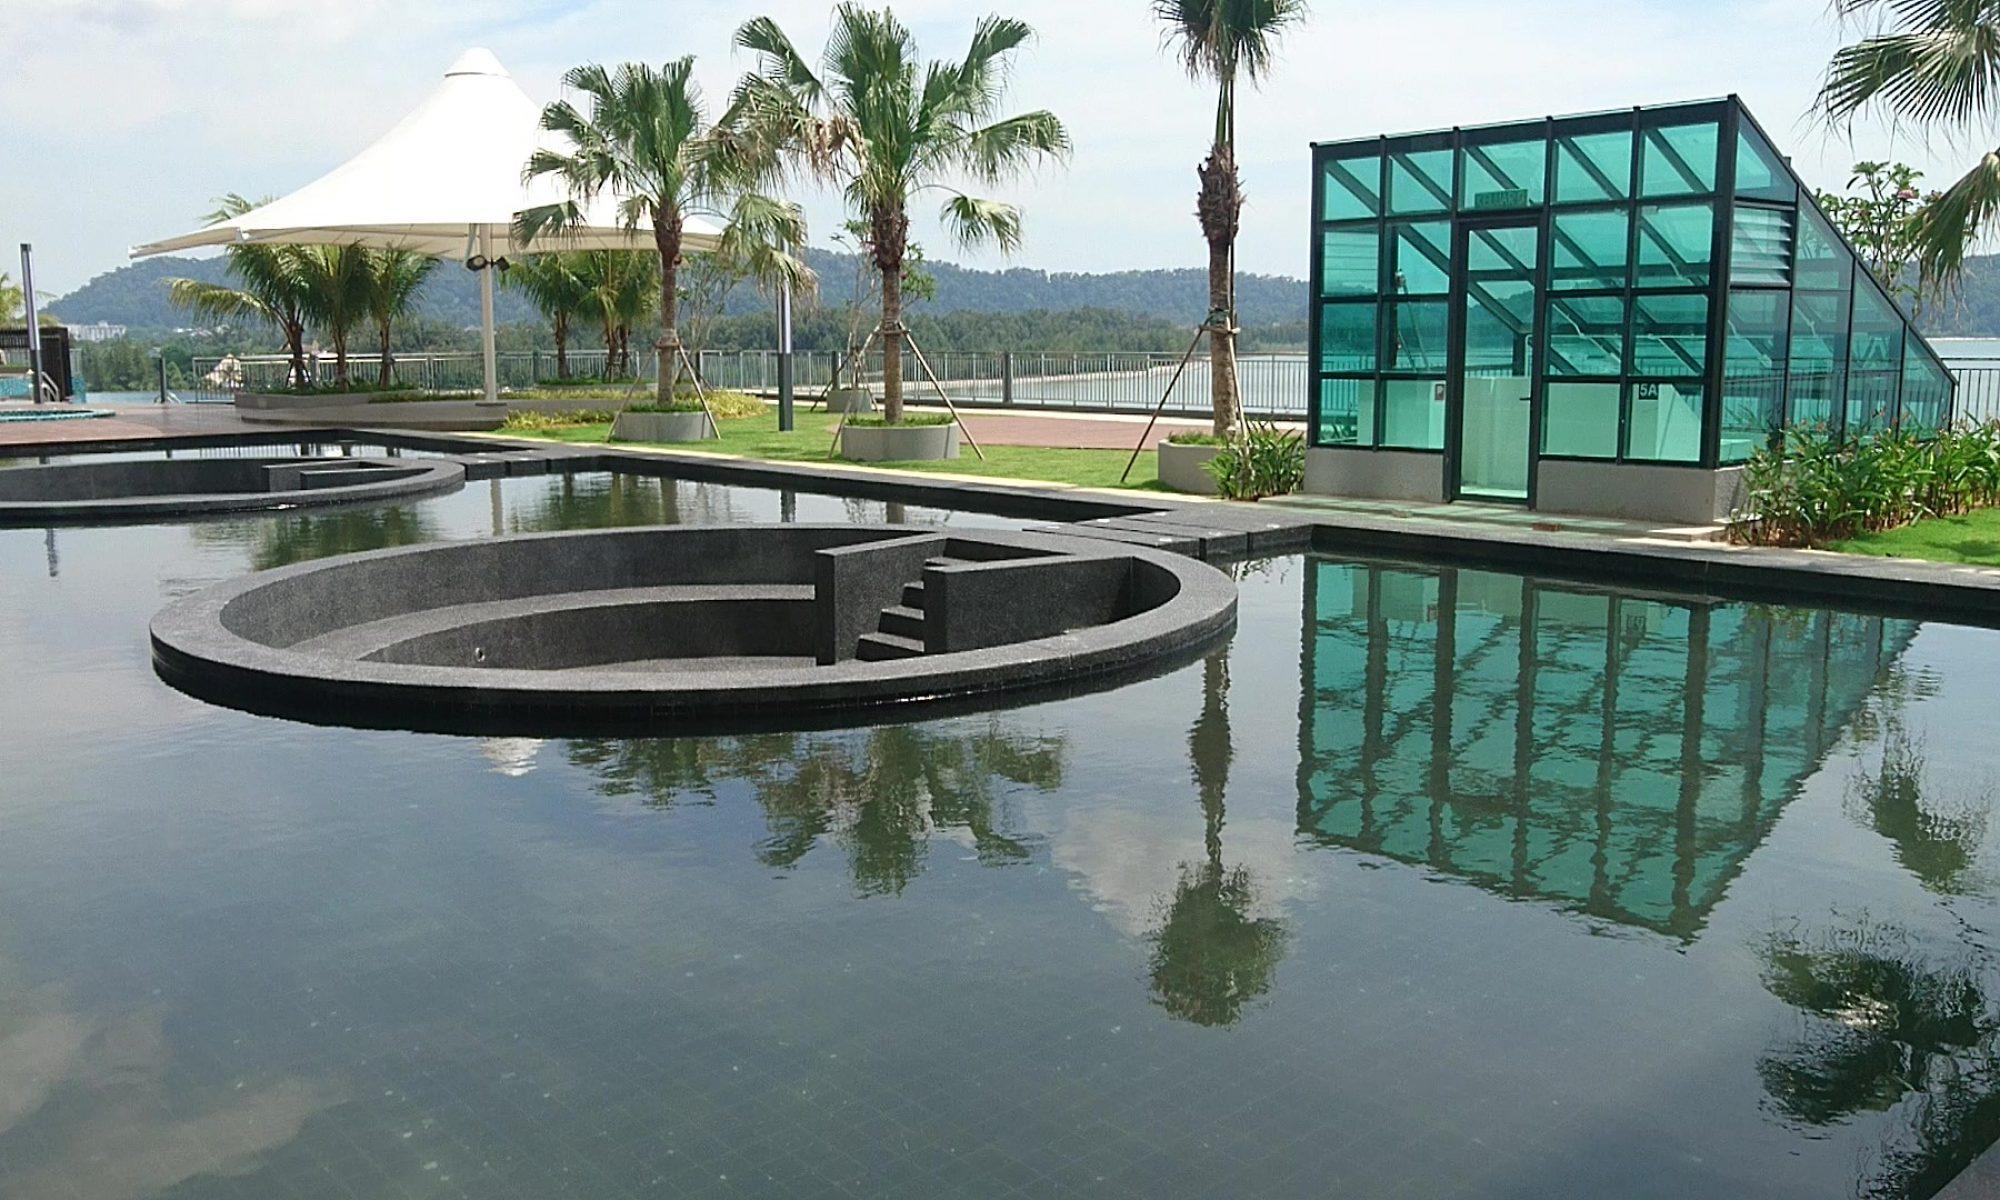 Kuantan Waterfront Resort City